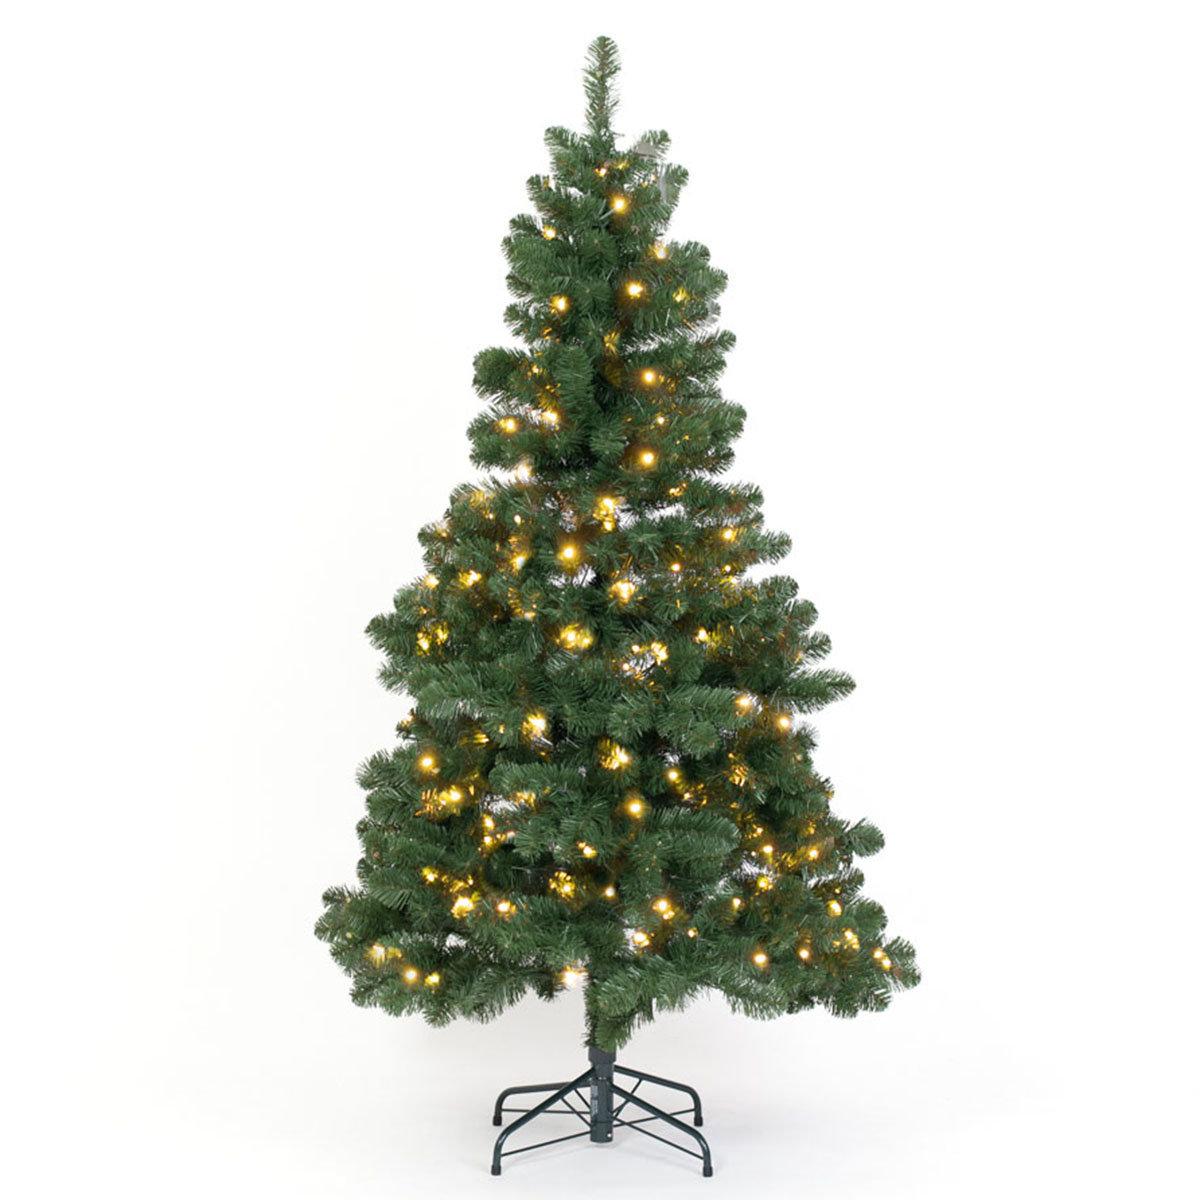 Künstlicher Weihnachtsbaum Kiefer mit LED-Beleuchtung, 180 cm   #2